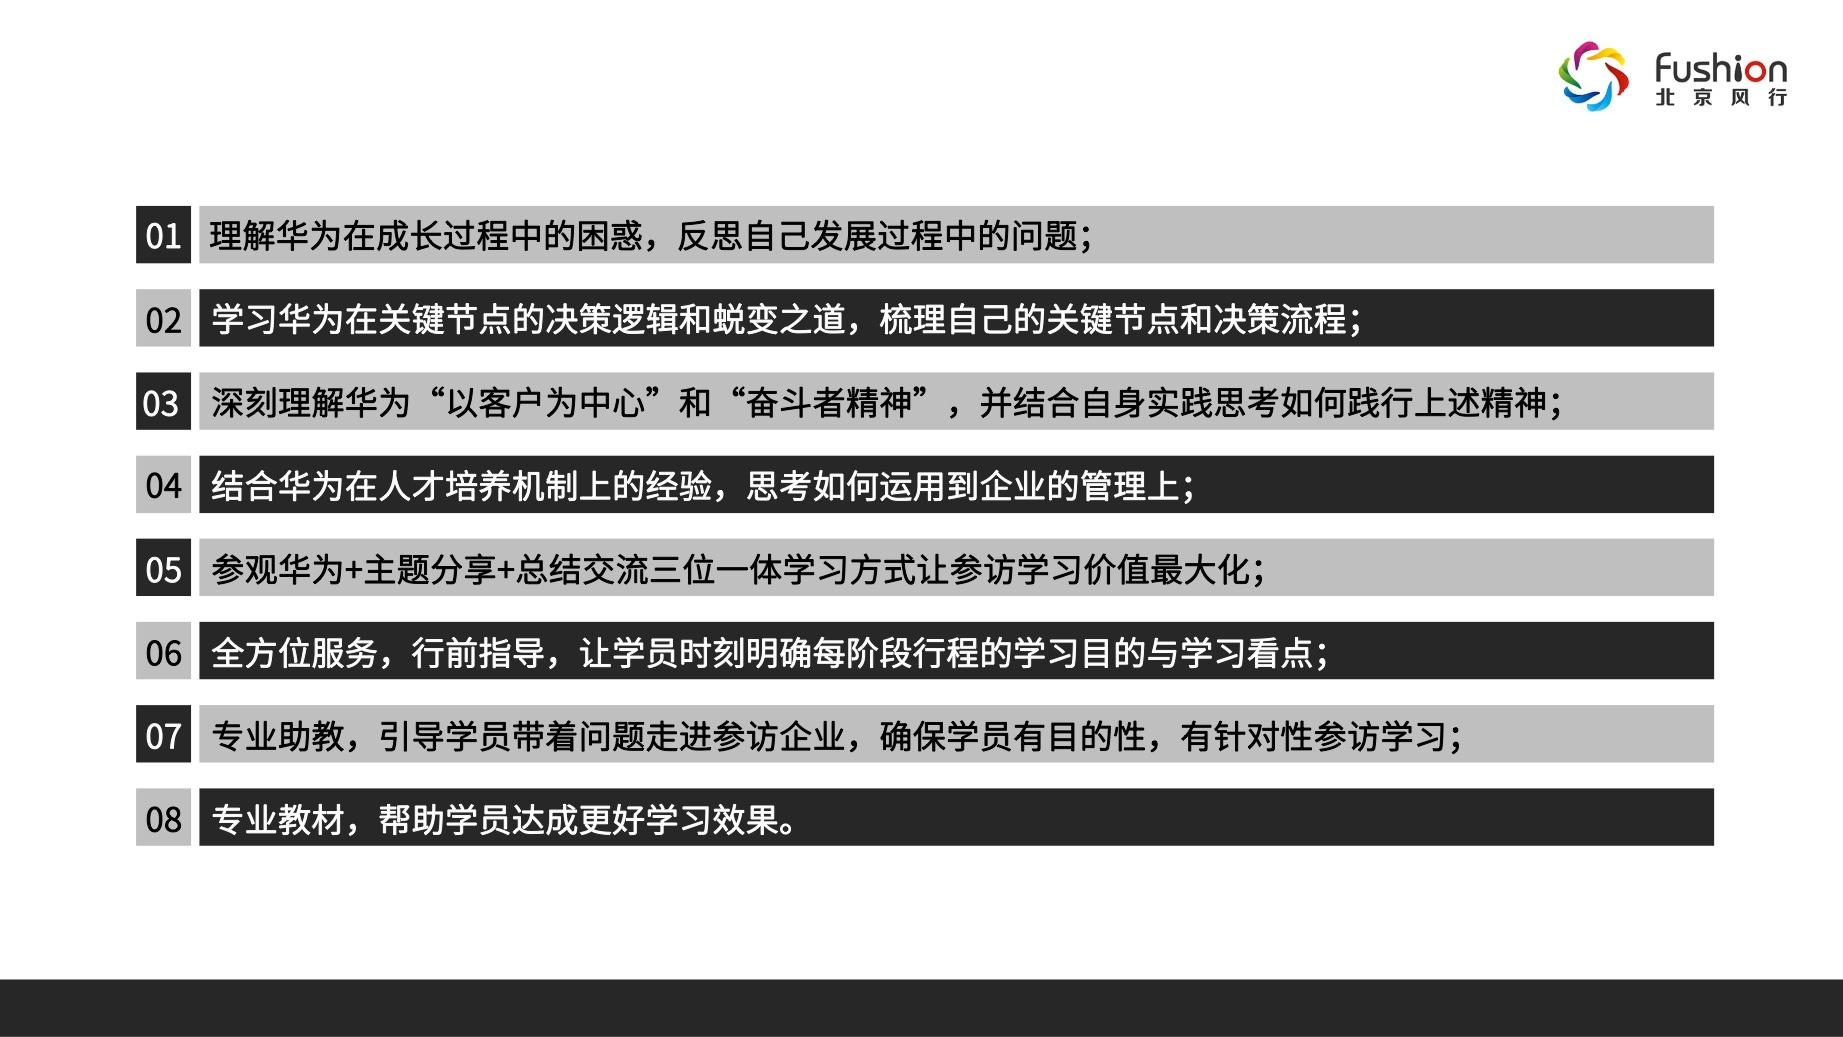 风行商旅,北京企业商旅,北京会议活动搭建,北京企业定制游,北京会议活动策划,北京境外展会搭建,北京商务考察,北京差旅系统,德国商务咨询,德国展会,北京风行